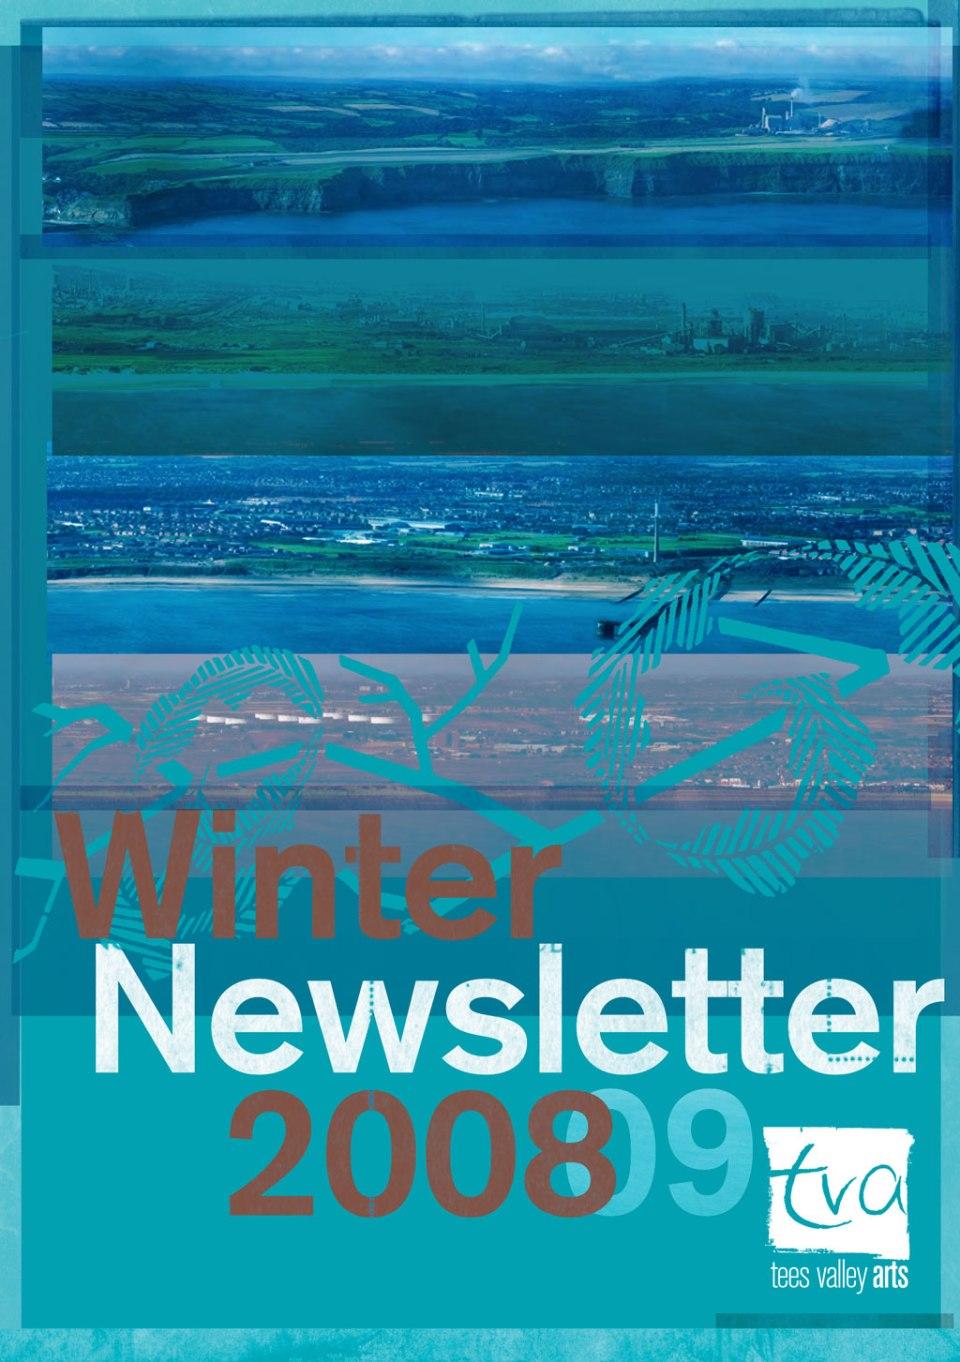 TVA Winter Newsletter 2008